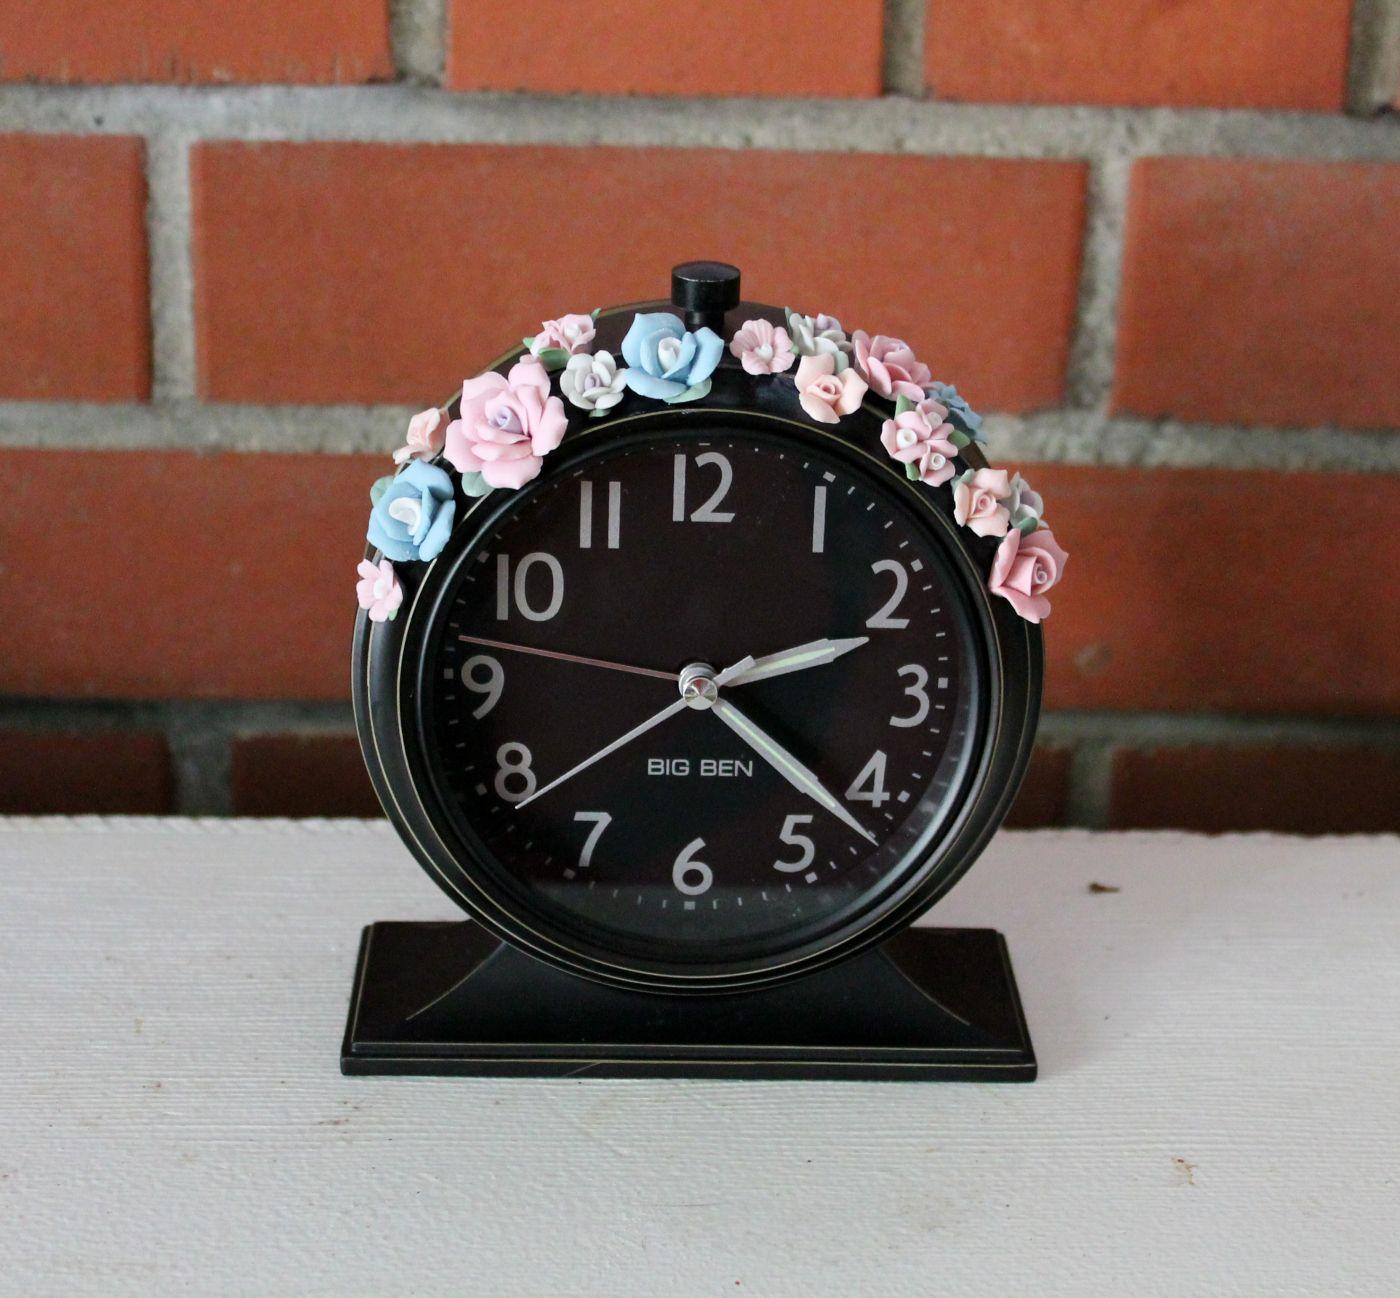 Rococo Alarm Clock | house | Clock, Alarm clock, Rococo